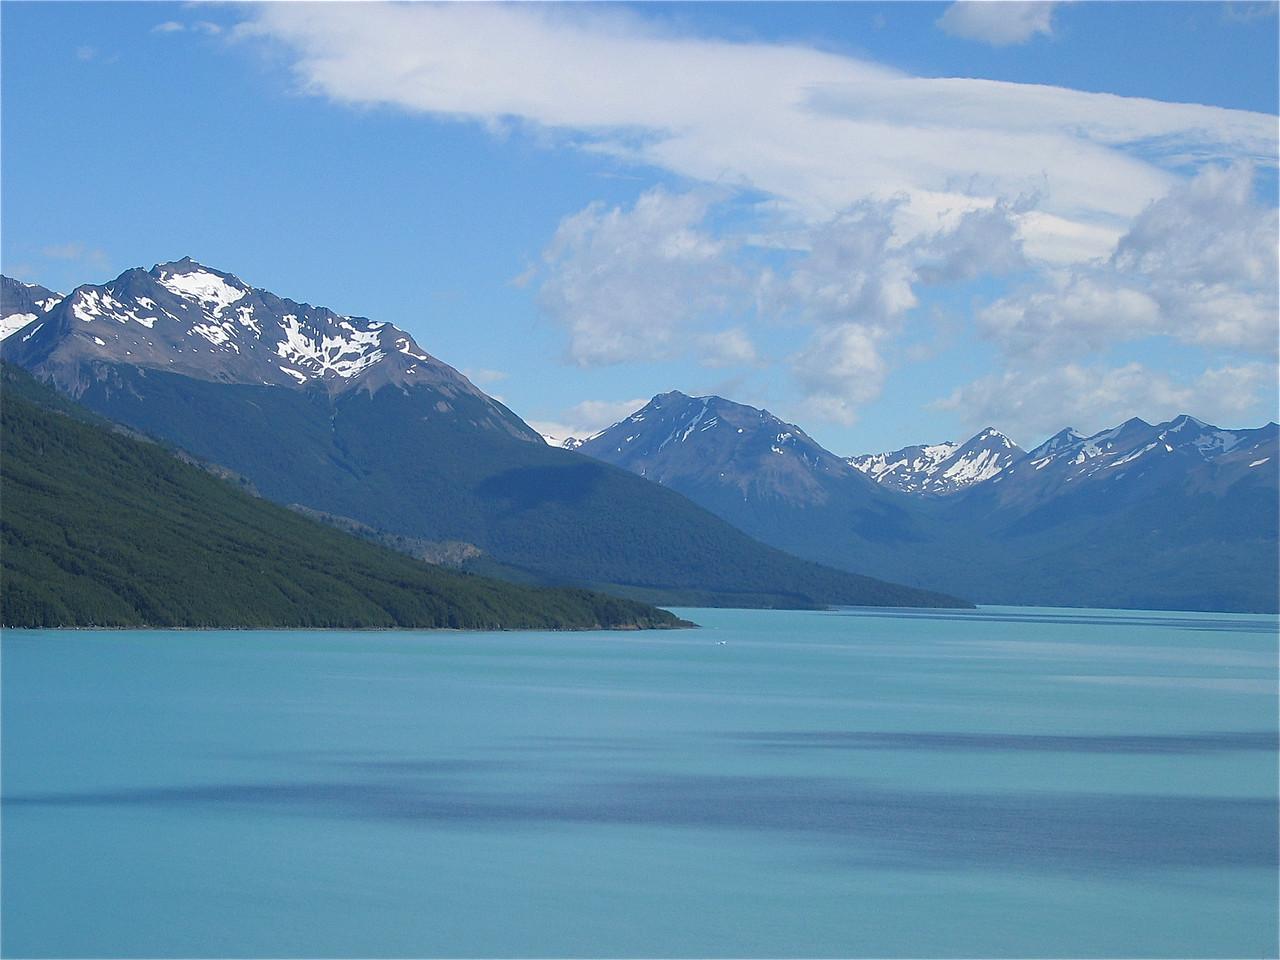 Lago Argentina, Patagonië, Argentinië.